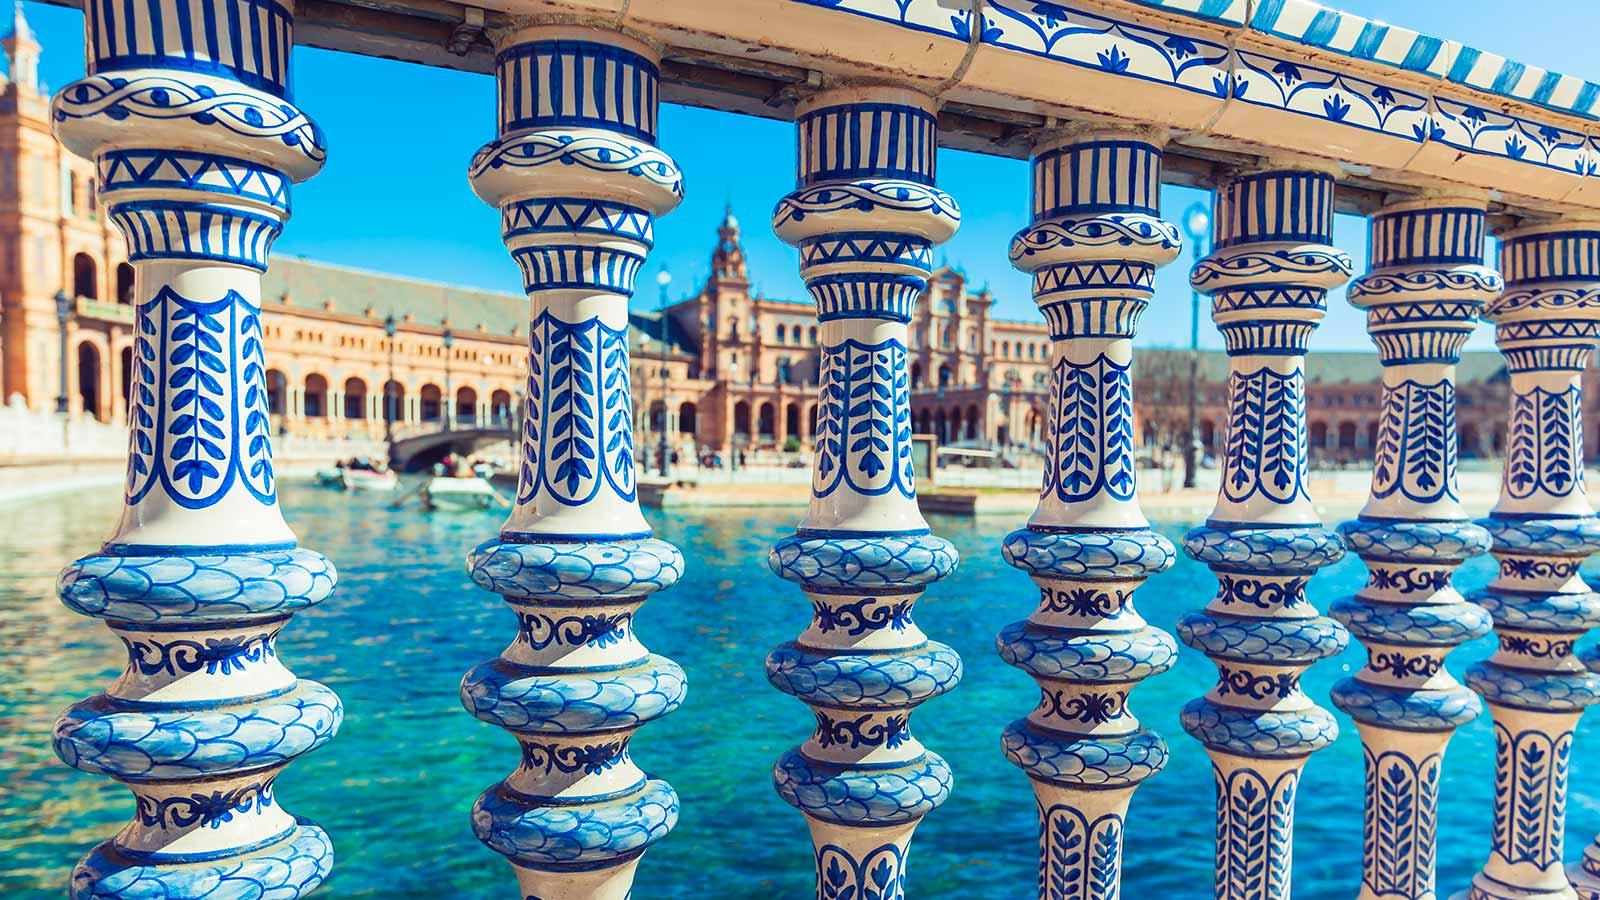 Sevilla Balaustrada plaza España | viajar a Sevilla